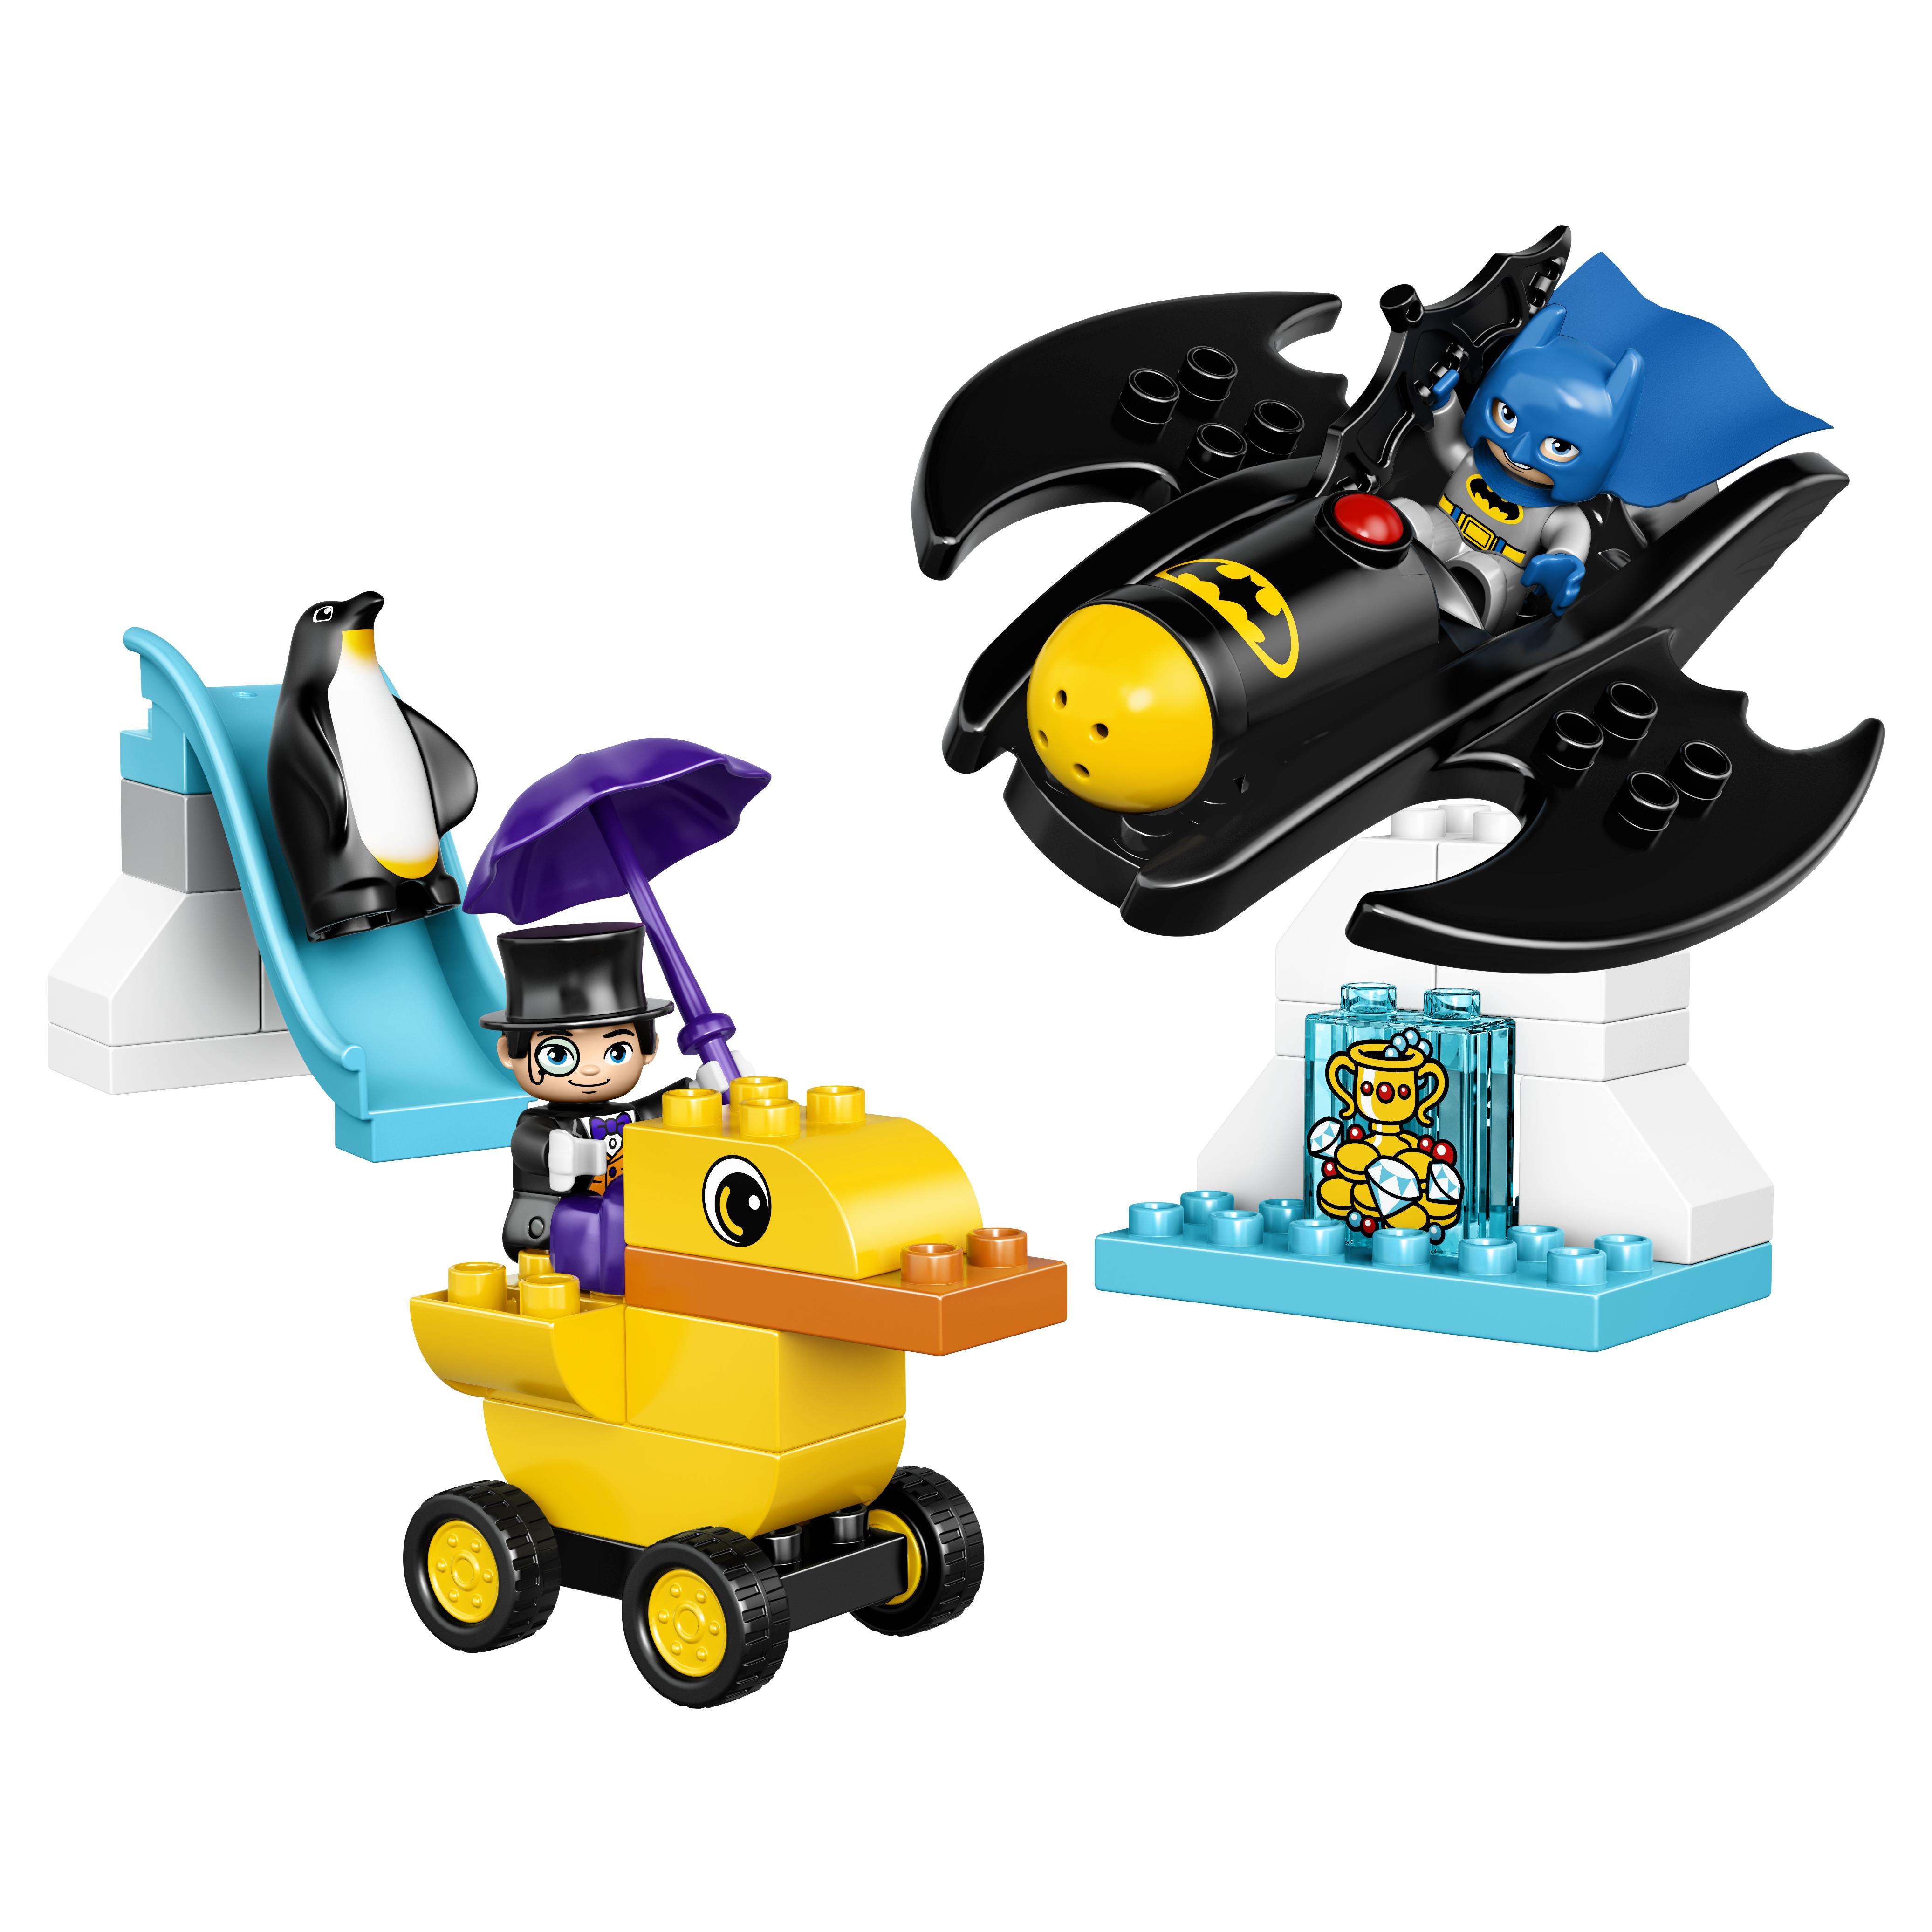 Конструктор LEGO Duplo Super Heroes Приключения на Бэтмолёте (10823) фото